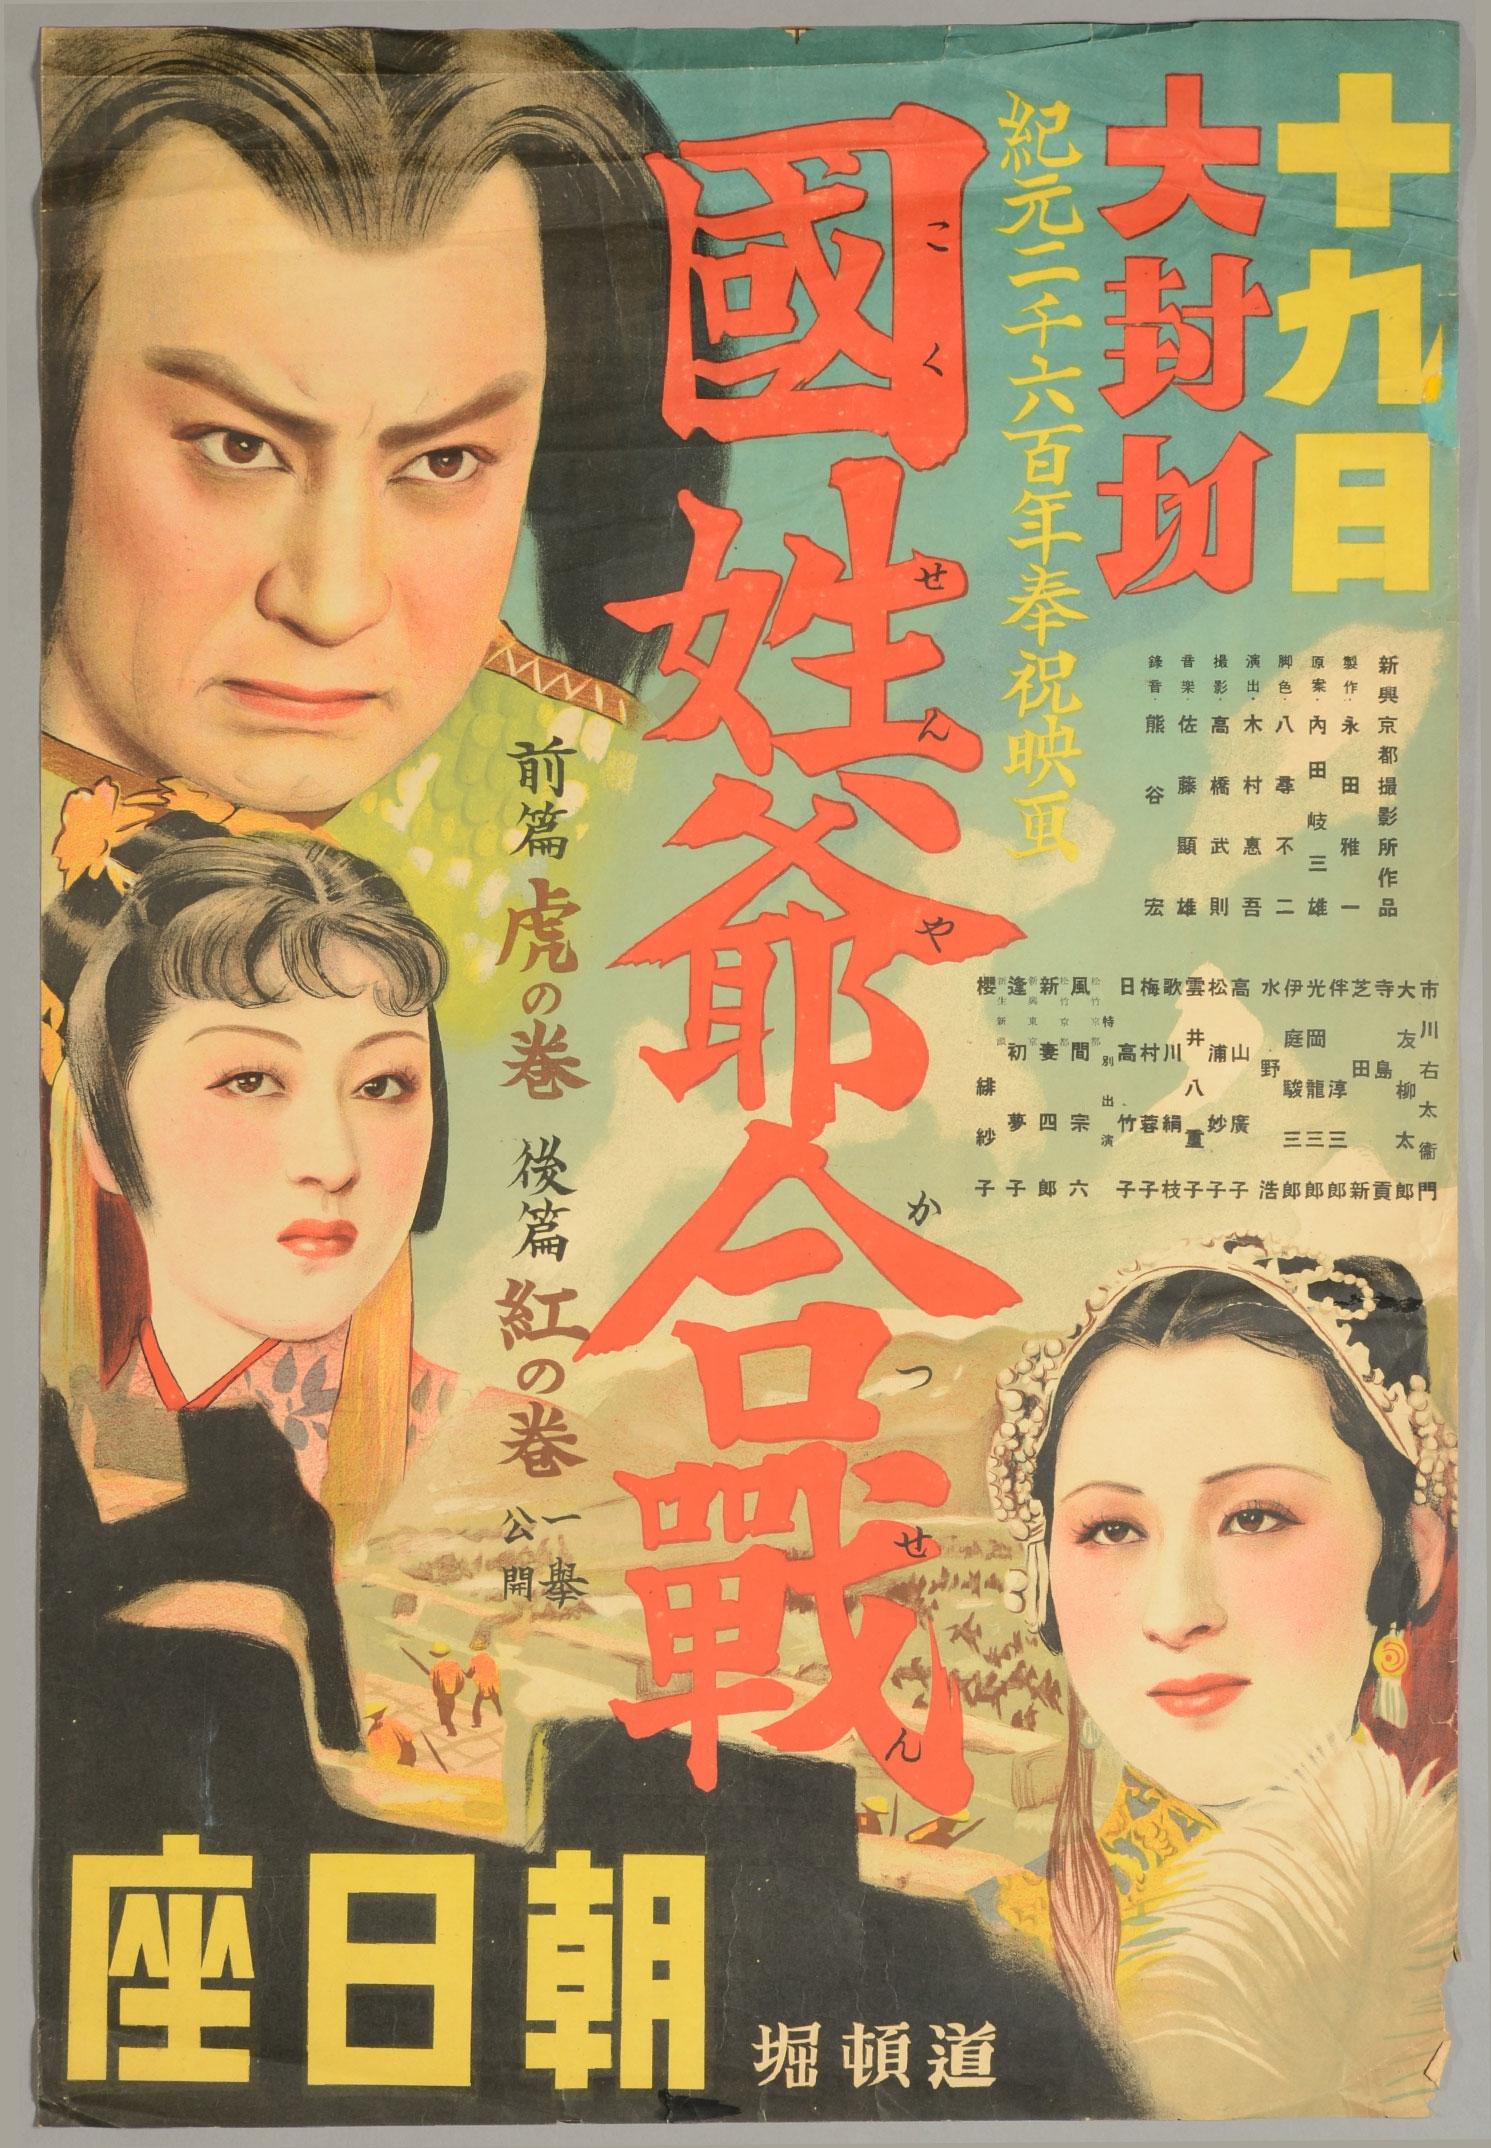 日本民間從 18 世紀便曾颳起「國姓爺熱」,江戶時代頗受歡迎的戲劇《國姓爺合戰》,後來衍生歌舞劇、小說、繪本、電影。圖為 1940 年的電影海報,男主角鄭成功為日本武士的形象。 <br>圖片來源│臺灣歷史博物館